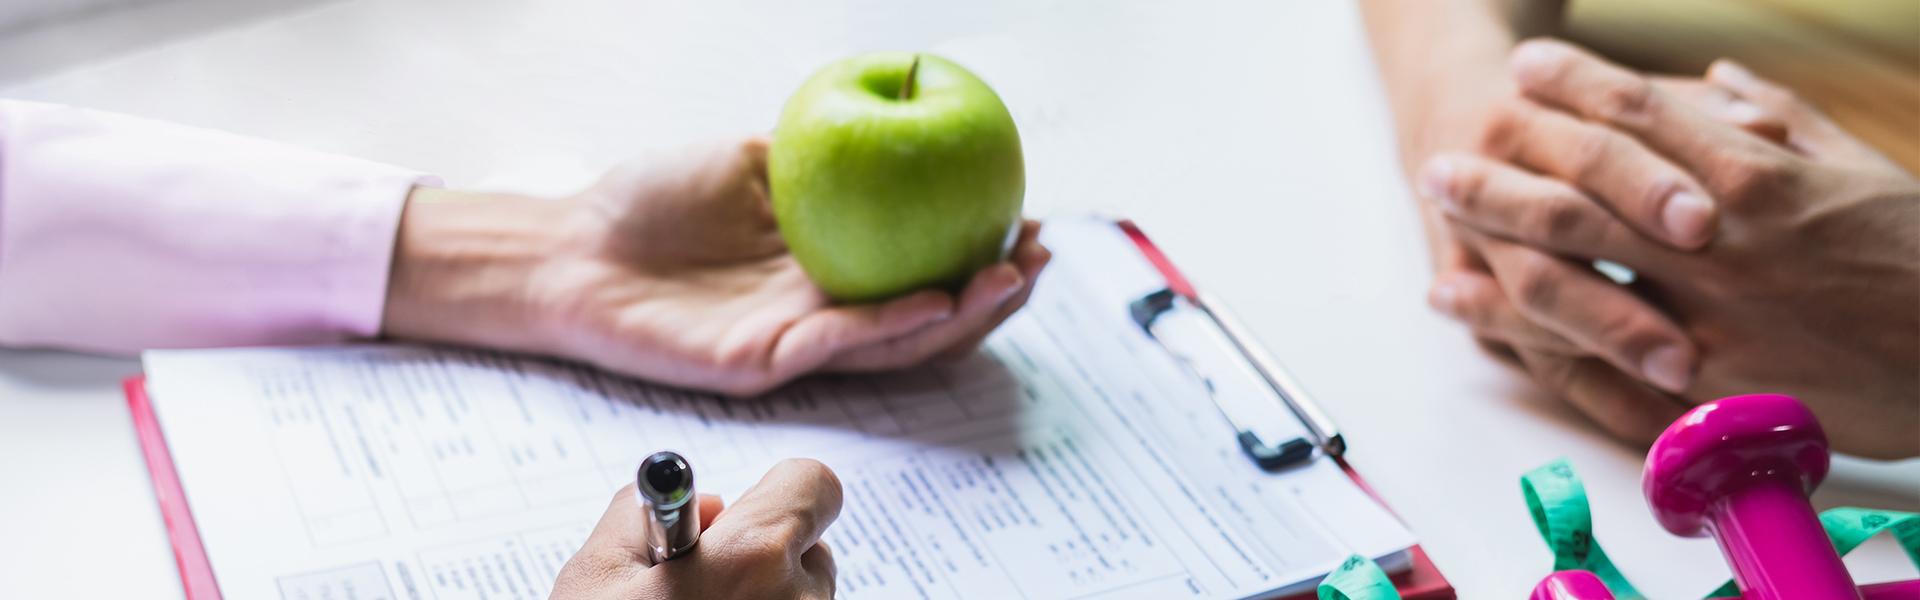 Wellbeing & Lifestyle Medicine